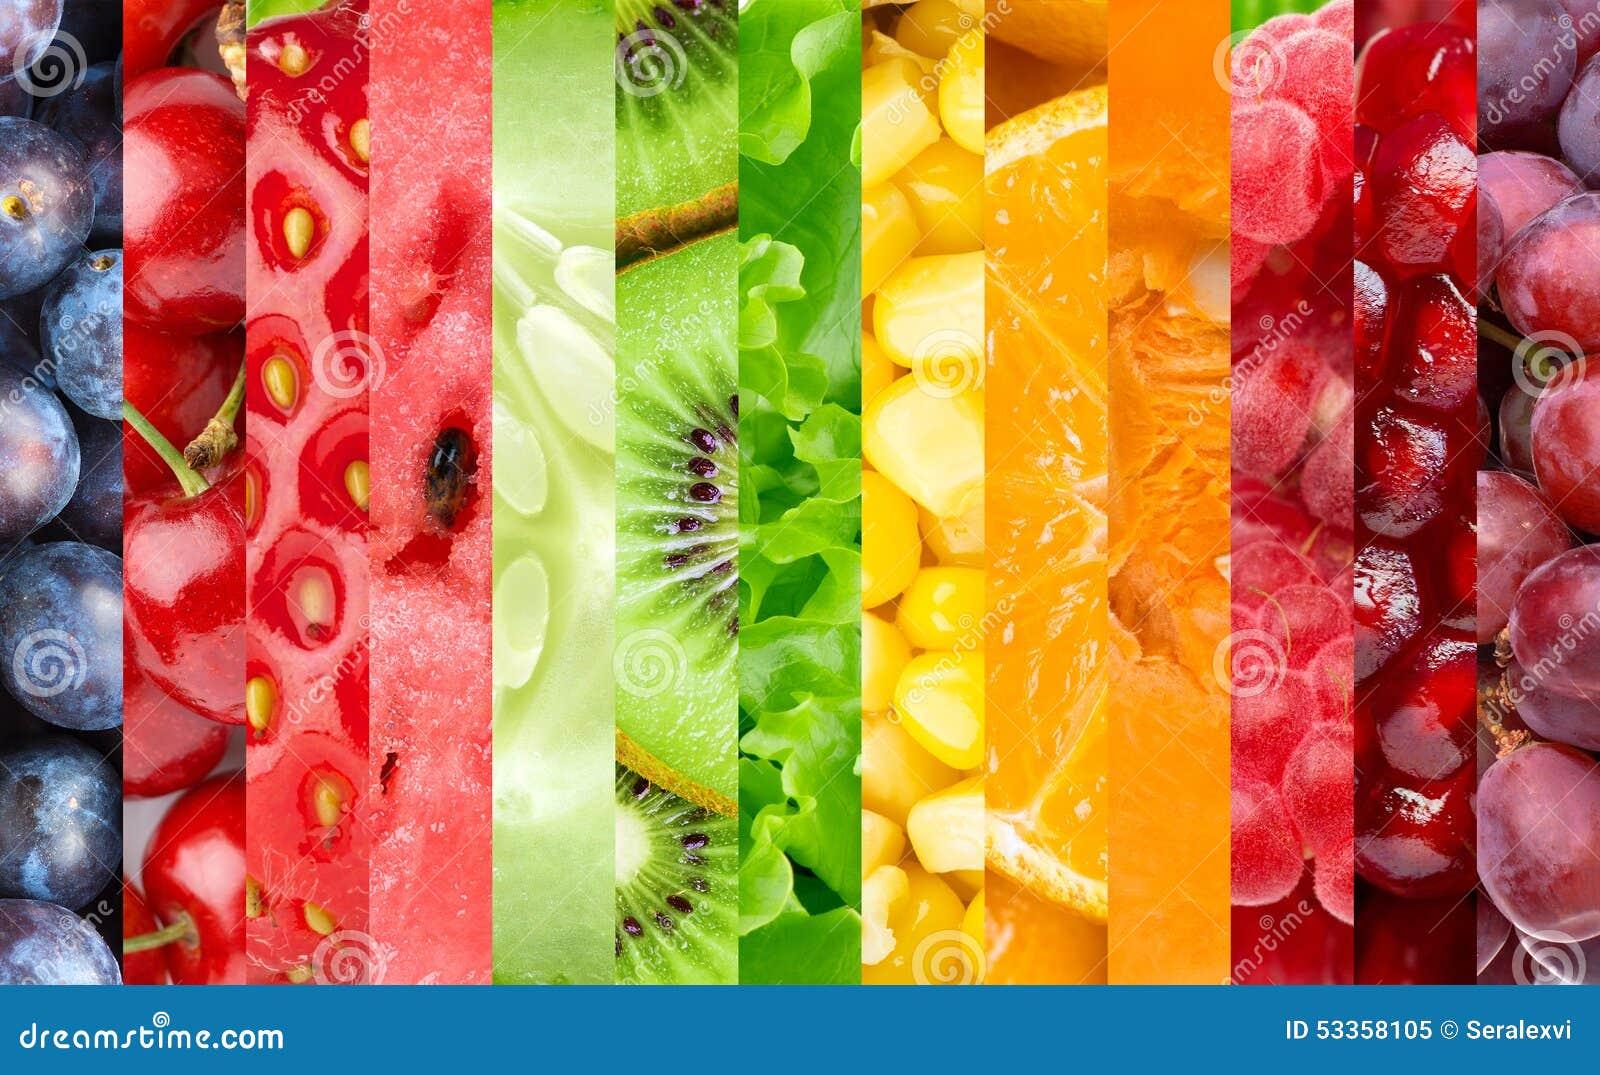 fruits baies et l gumes de couleur photo stock image 53358105. Black Bedroom Furniture Sets. Home Design Ideas